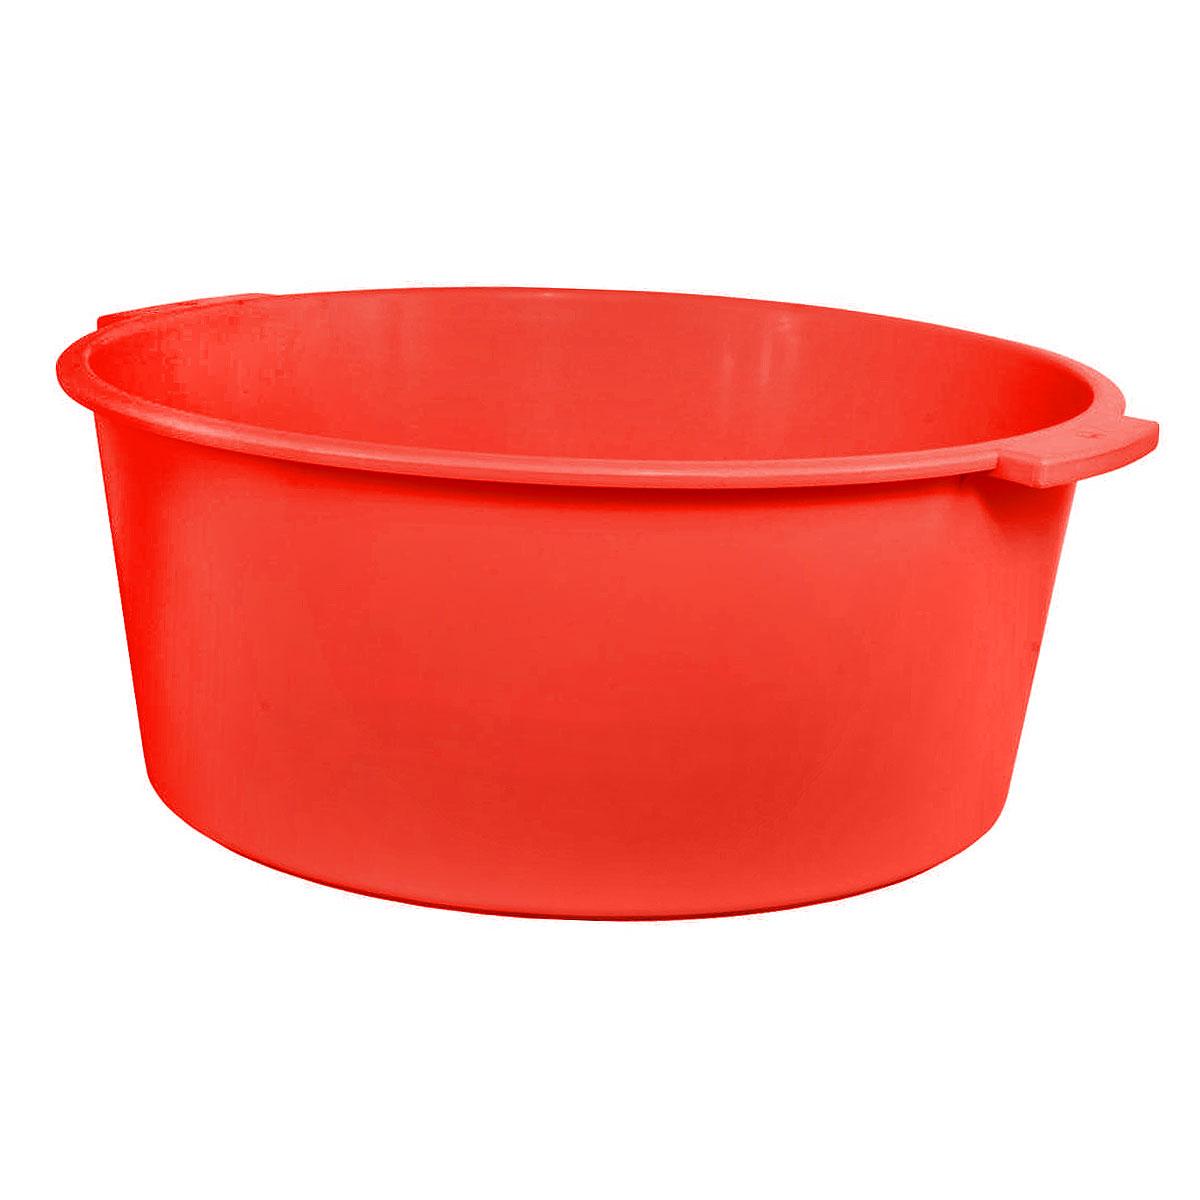 Таз Крепыш, цвет: красный, 15 лК351Таз Крепыш выполнен из прочного цветного пластика. Он предназначен для стирки и хранения разных вещей. По бокам имеются удобные ручки, которые обеспечивают надежный захват. Таз пригодится в любом хозяйстве.Размер: 44 см х 42 см х 17 см. Объем: 15 л.